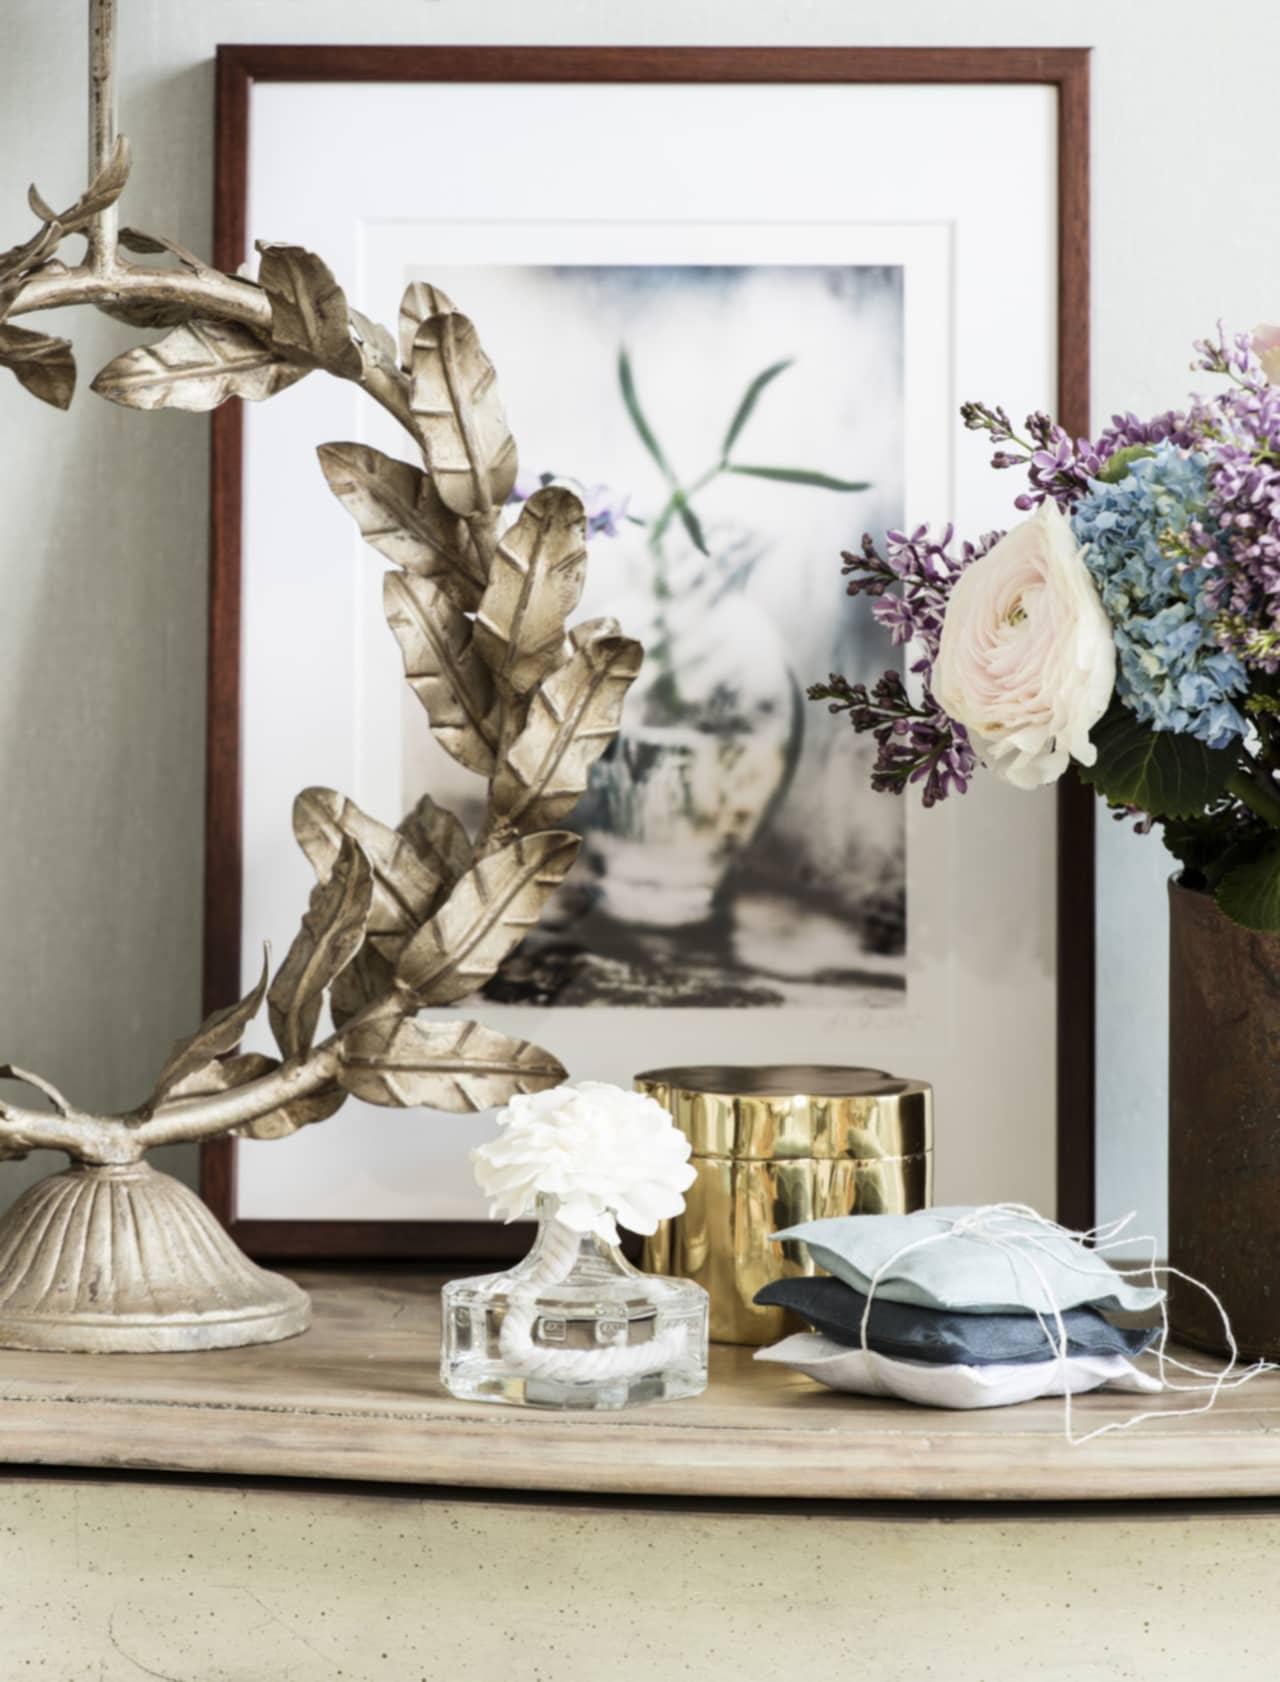 #60493A Bedst Fransk Stil I Inredningen – Härliga Vårtips! Fransk Landkøkken Stil 4823 130017084823